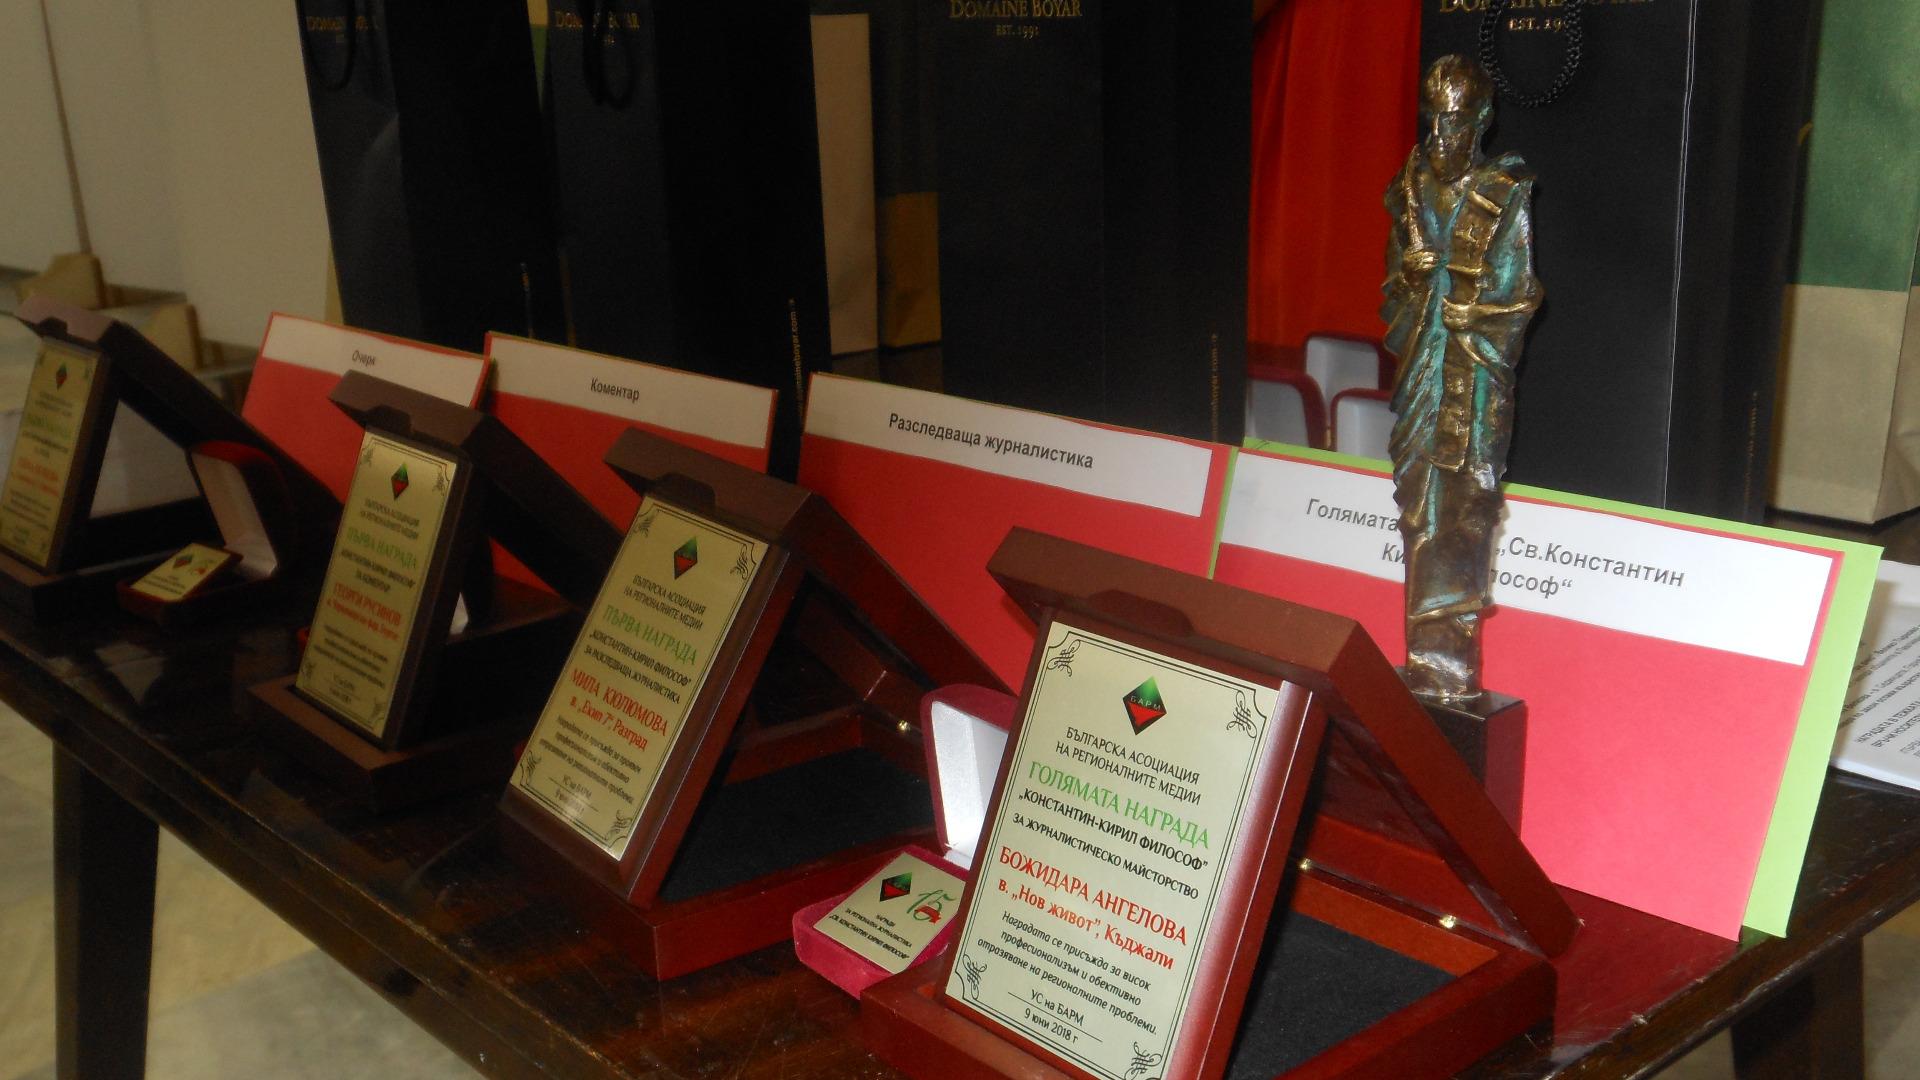 Българската асоциация на регионалните медии настоява да се въведе регистър